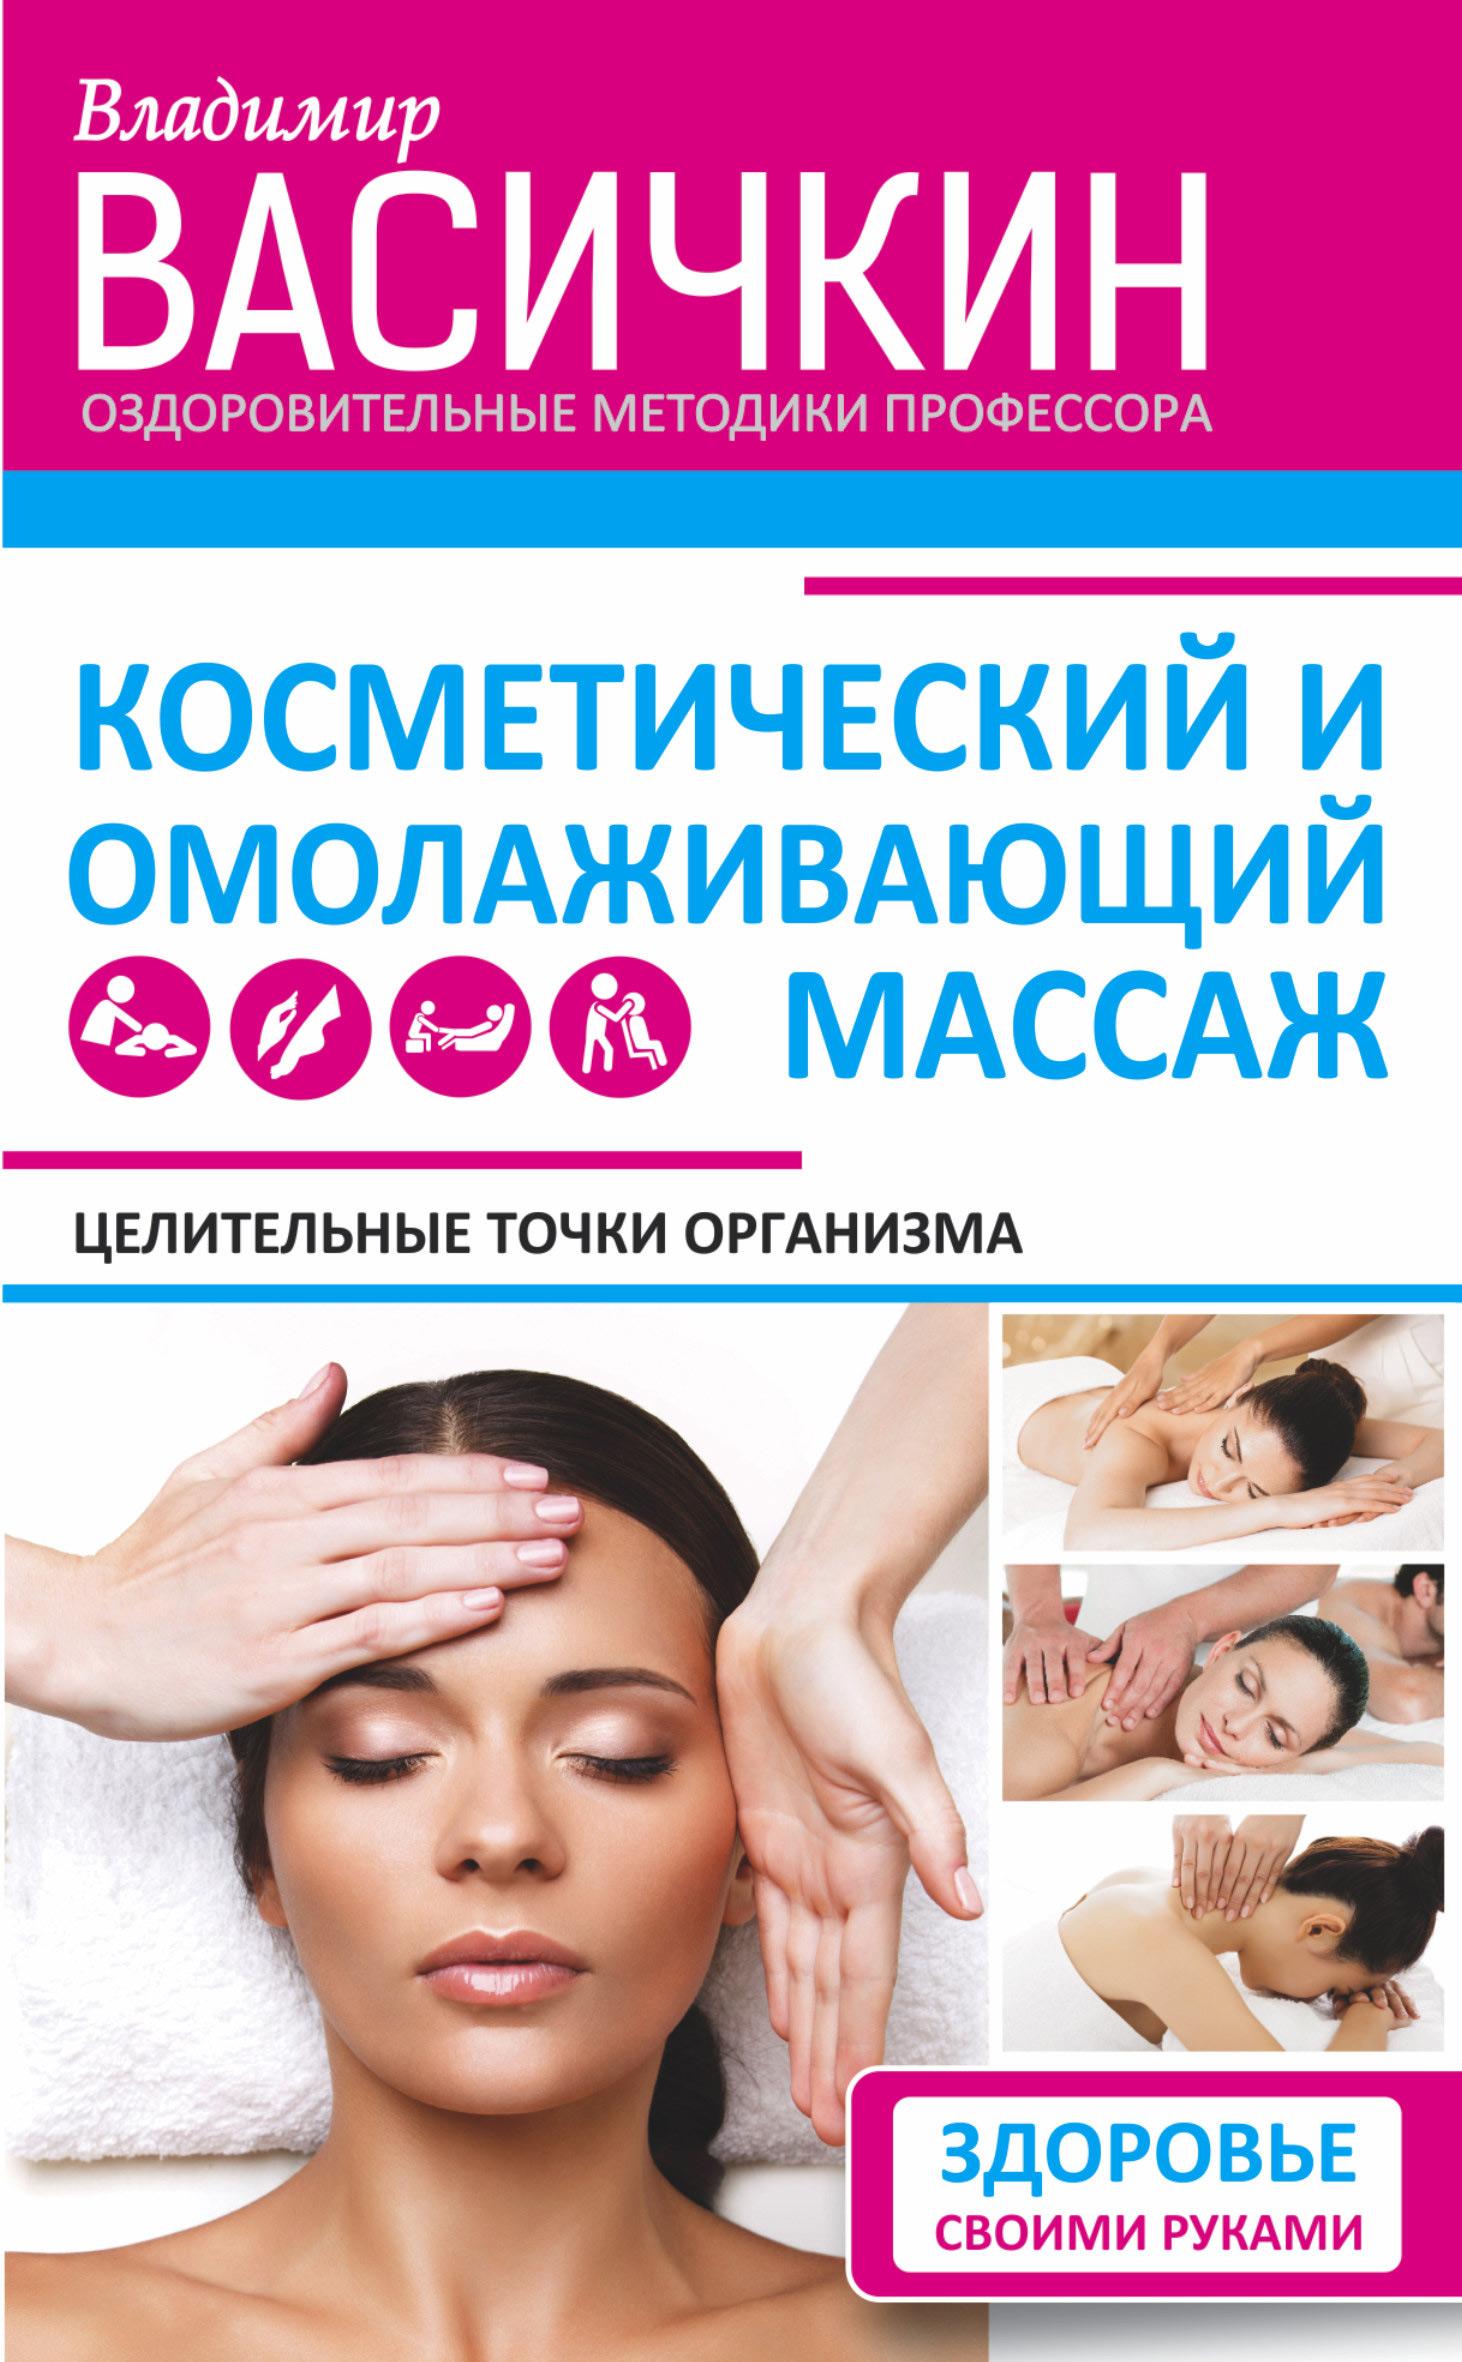 Владимир Васичкин «Целительные точки организма. Косметический и омолаживающий массаж»